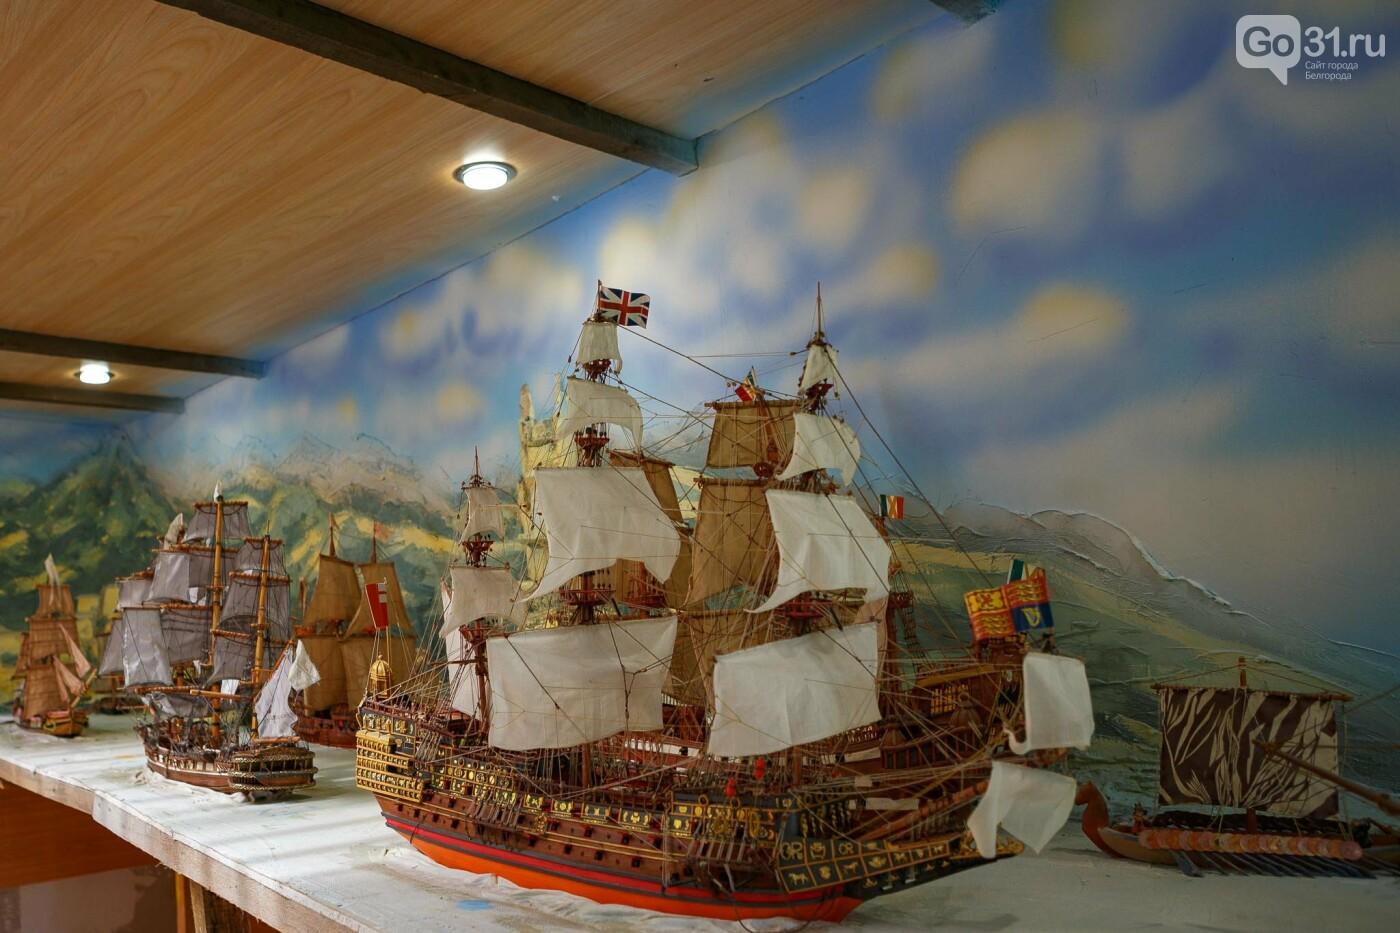 Корабль из гаража. Как создавался пиратский галеон в Купино, фото-21, Фото: Антон Вергун